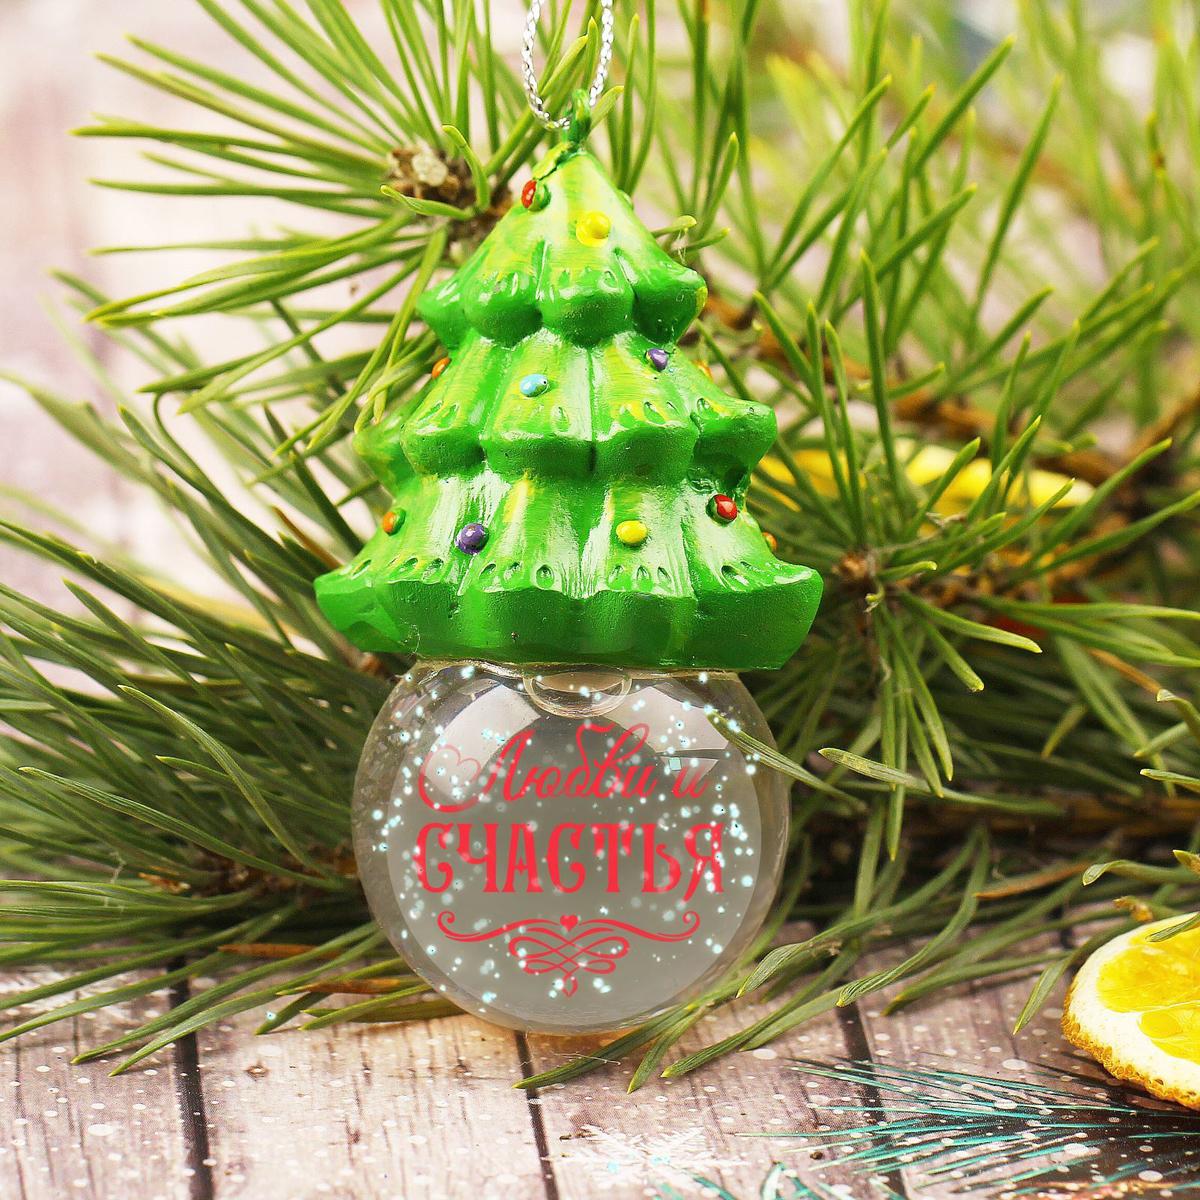 Новогоднее подвесное украшение Sima-land Любви и счастья, светящееся, 6,3 см новогоднее подвесное украшение sima land варежки гжель